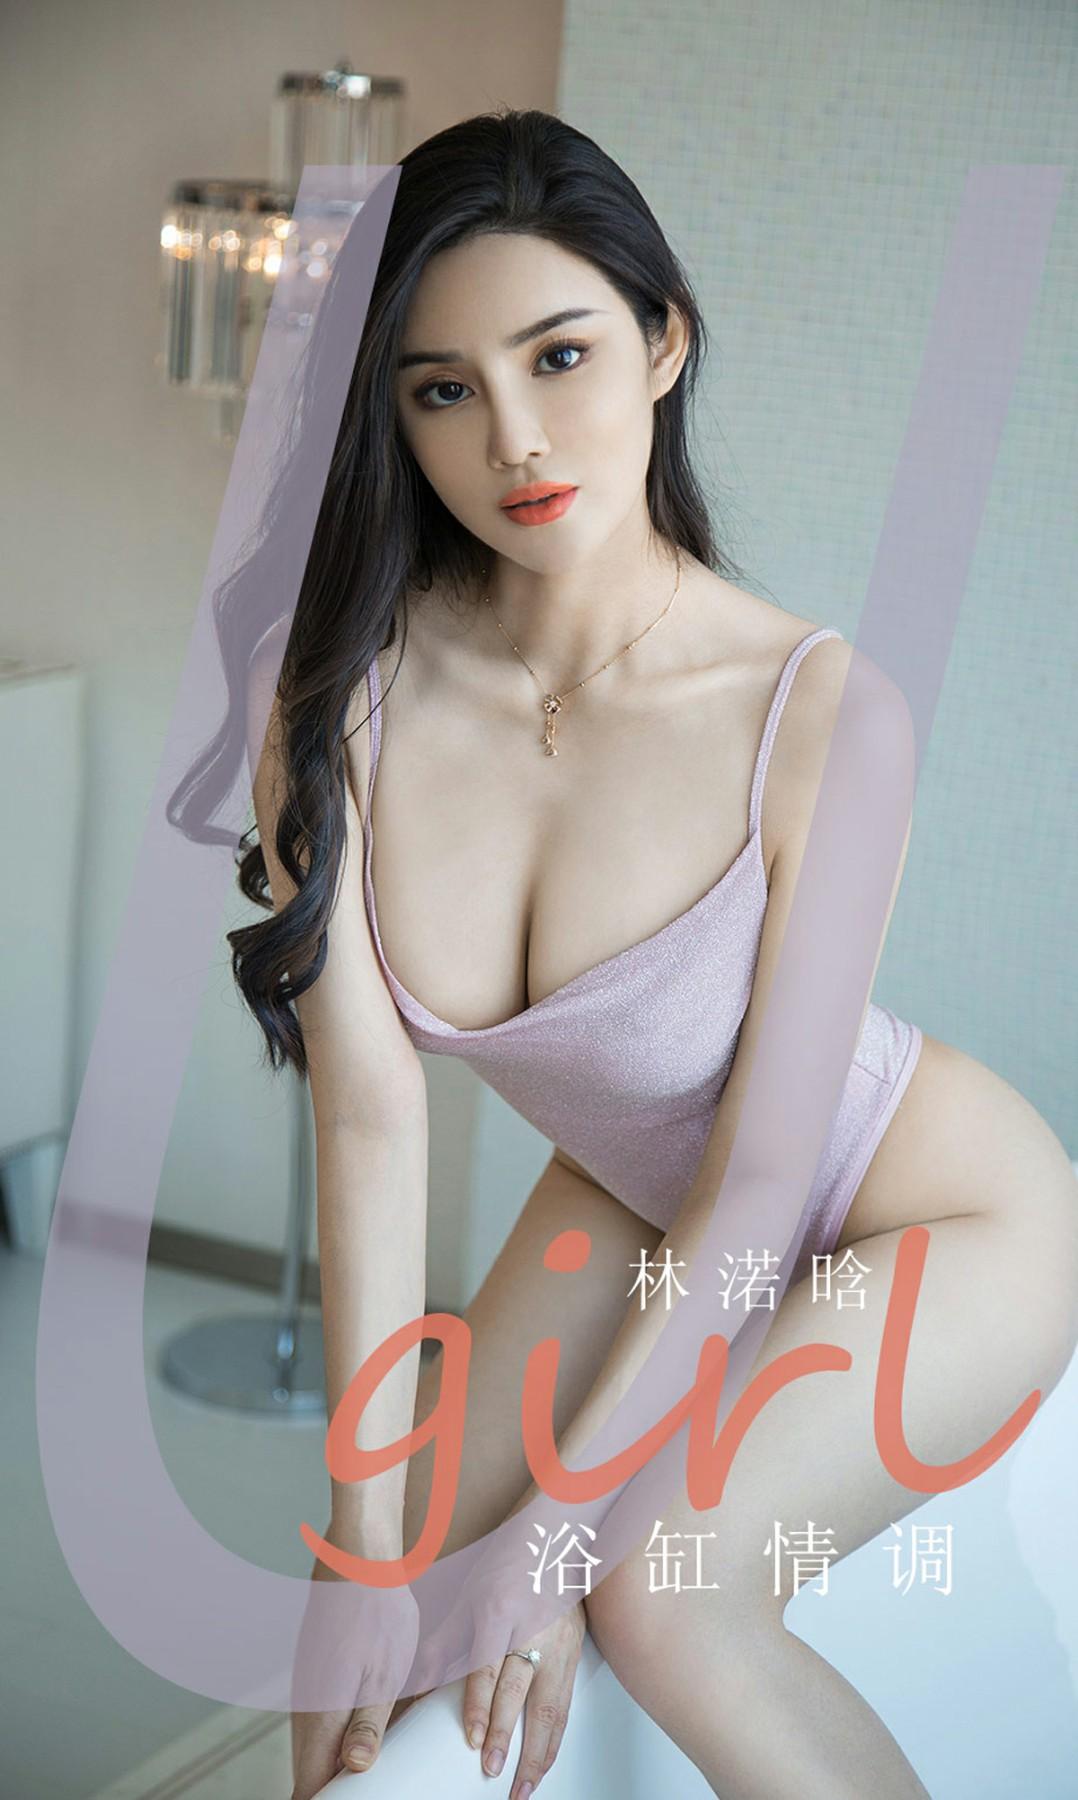 [Ugirls尤果网]爱尤物专辑 2020.09.21 No.1915 林渃晗 浴缸情调